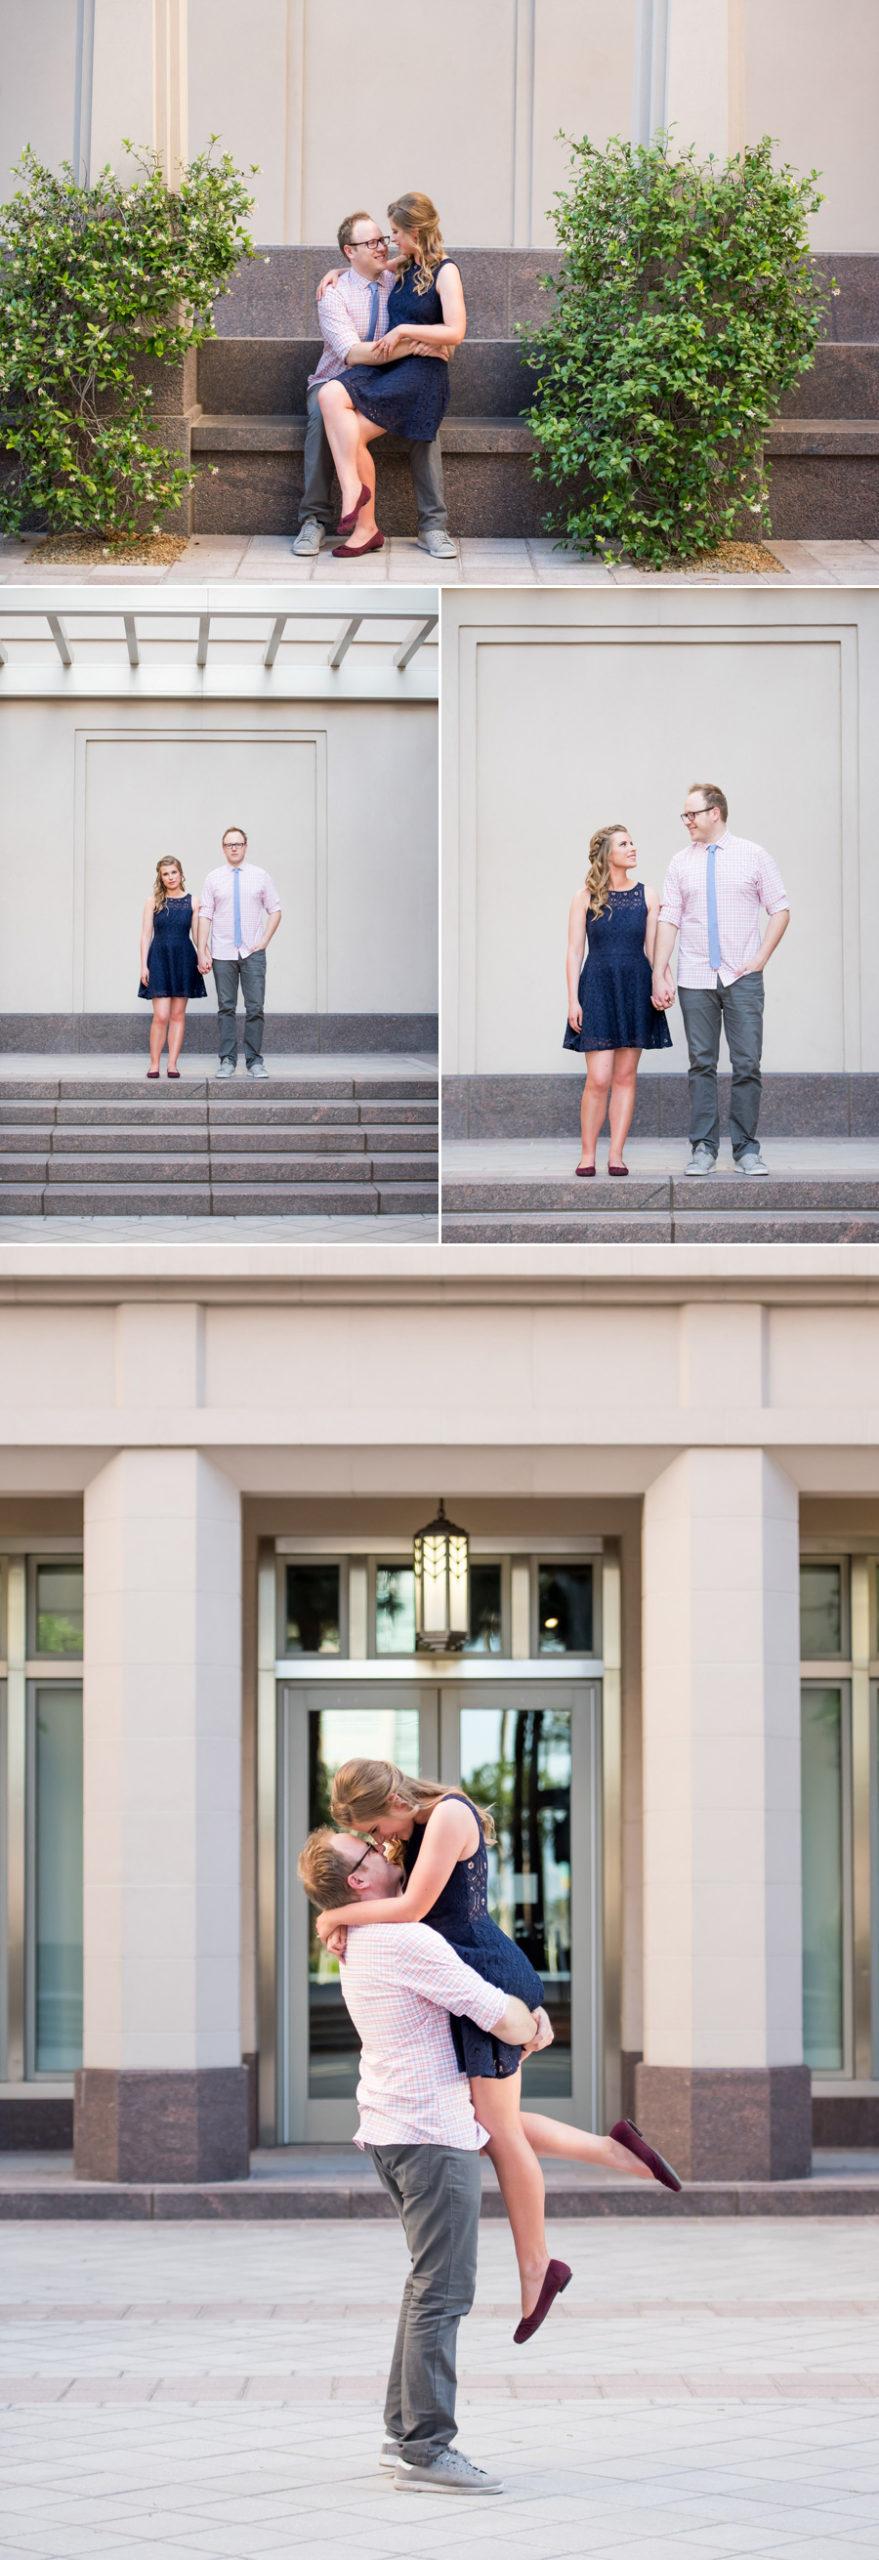 Downtown Las Vegas Engagement Session | KMH Photography | Las Vegas Engagement Photographer